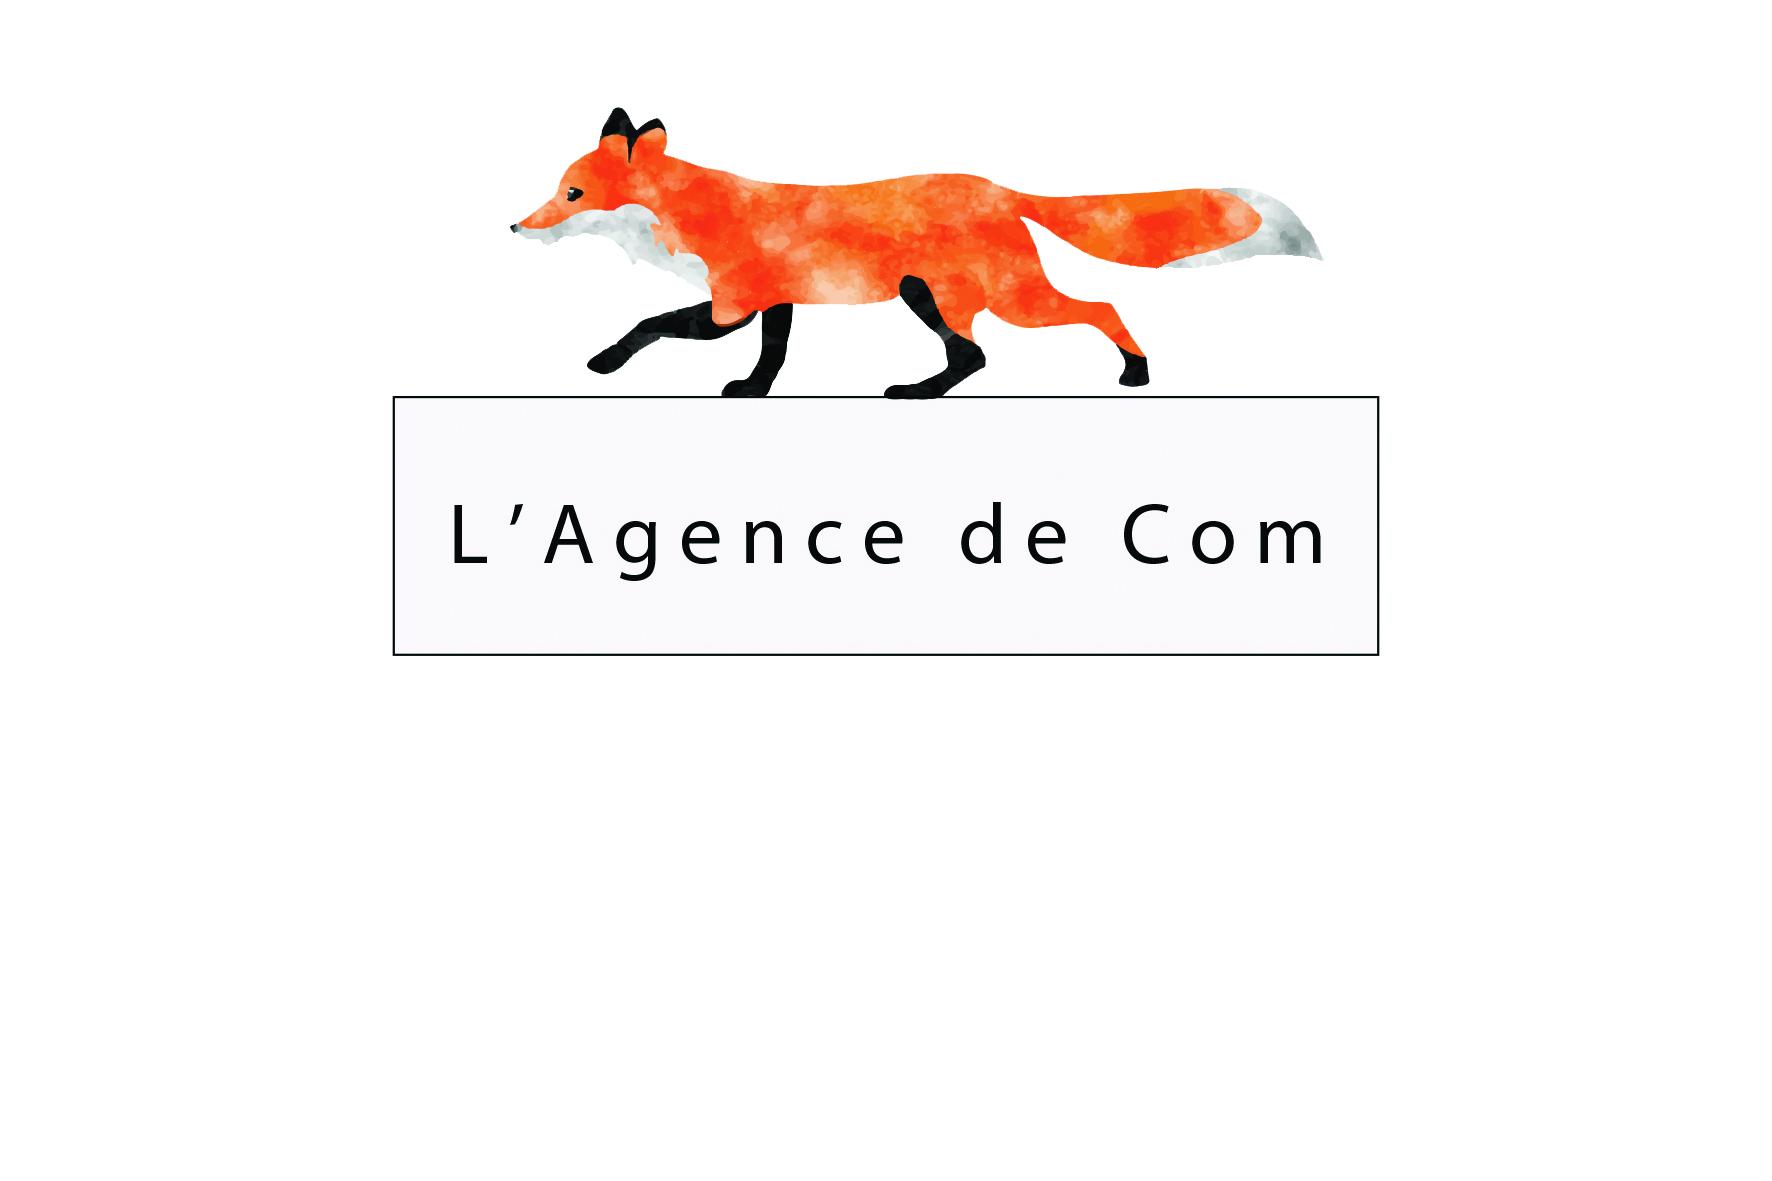 Agence de com 1